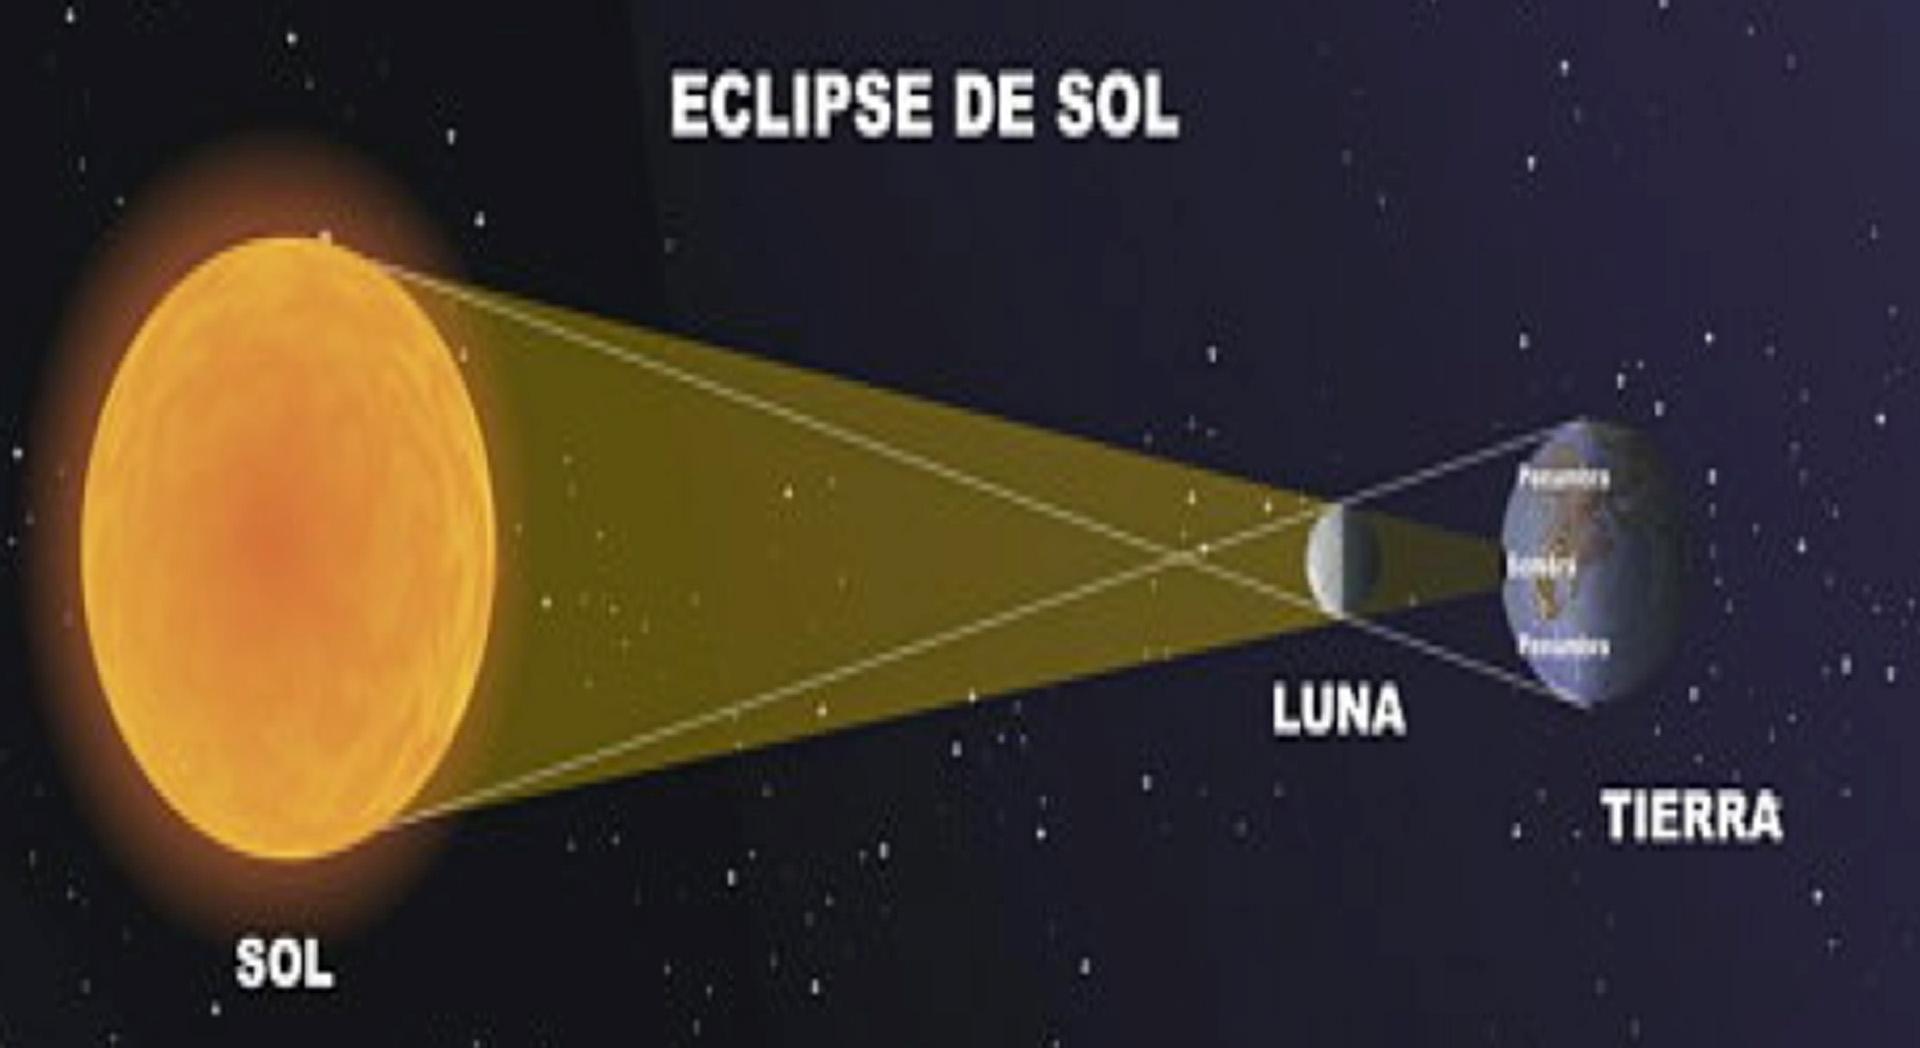 El paso de la Luna entre el Sol y la Tierra poduce el eclipse solar, en este caso parcial